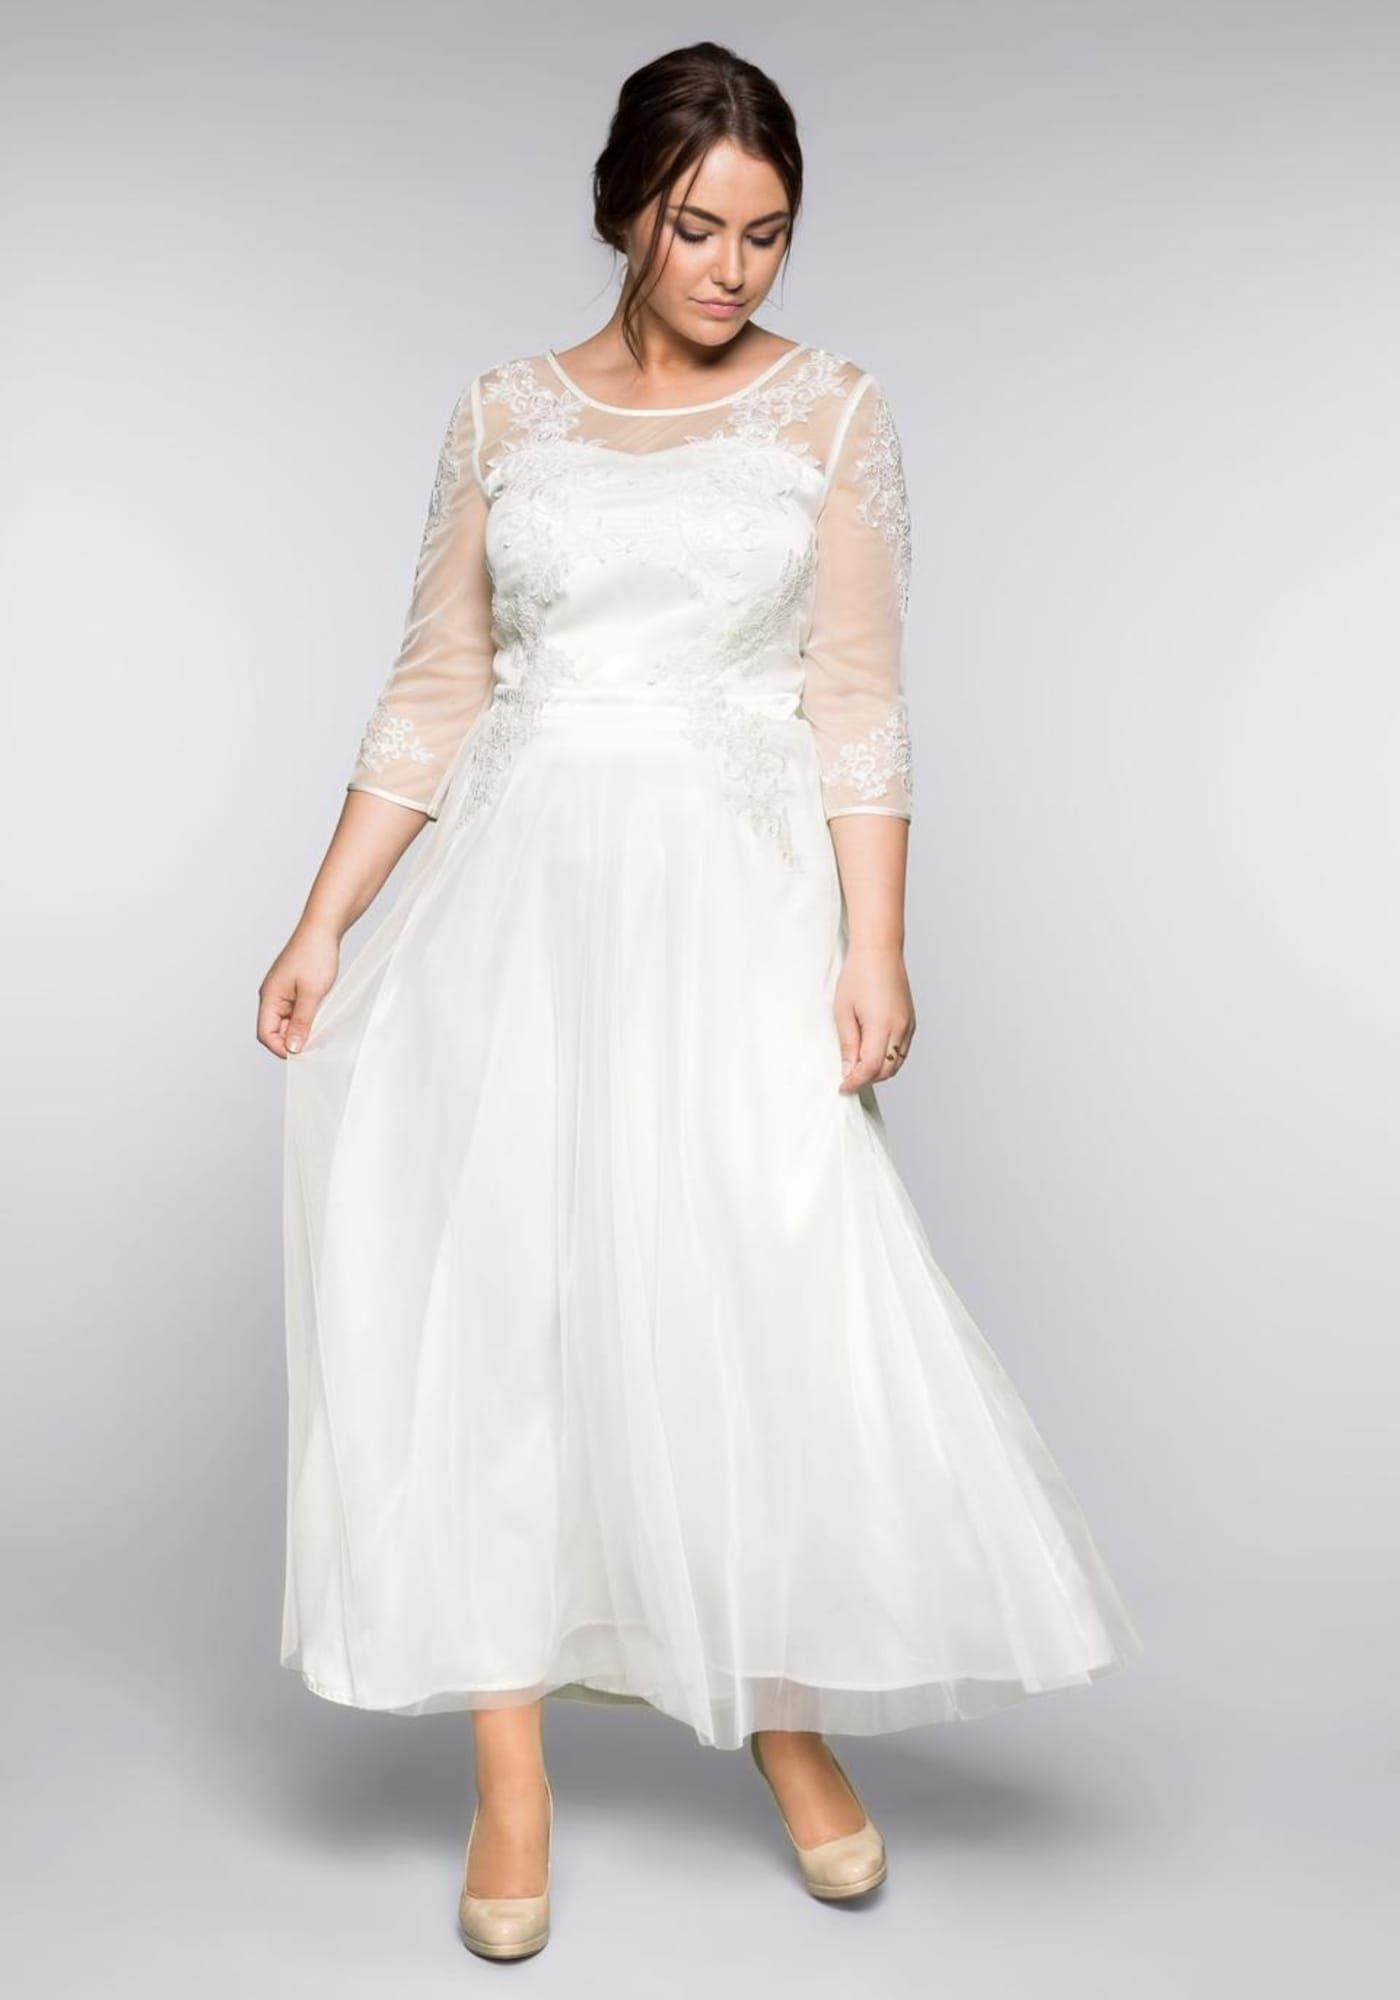 SHEEGO Kleid Damen, Offwhite, Größe 19  Abendkleid, Kleider